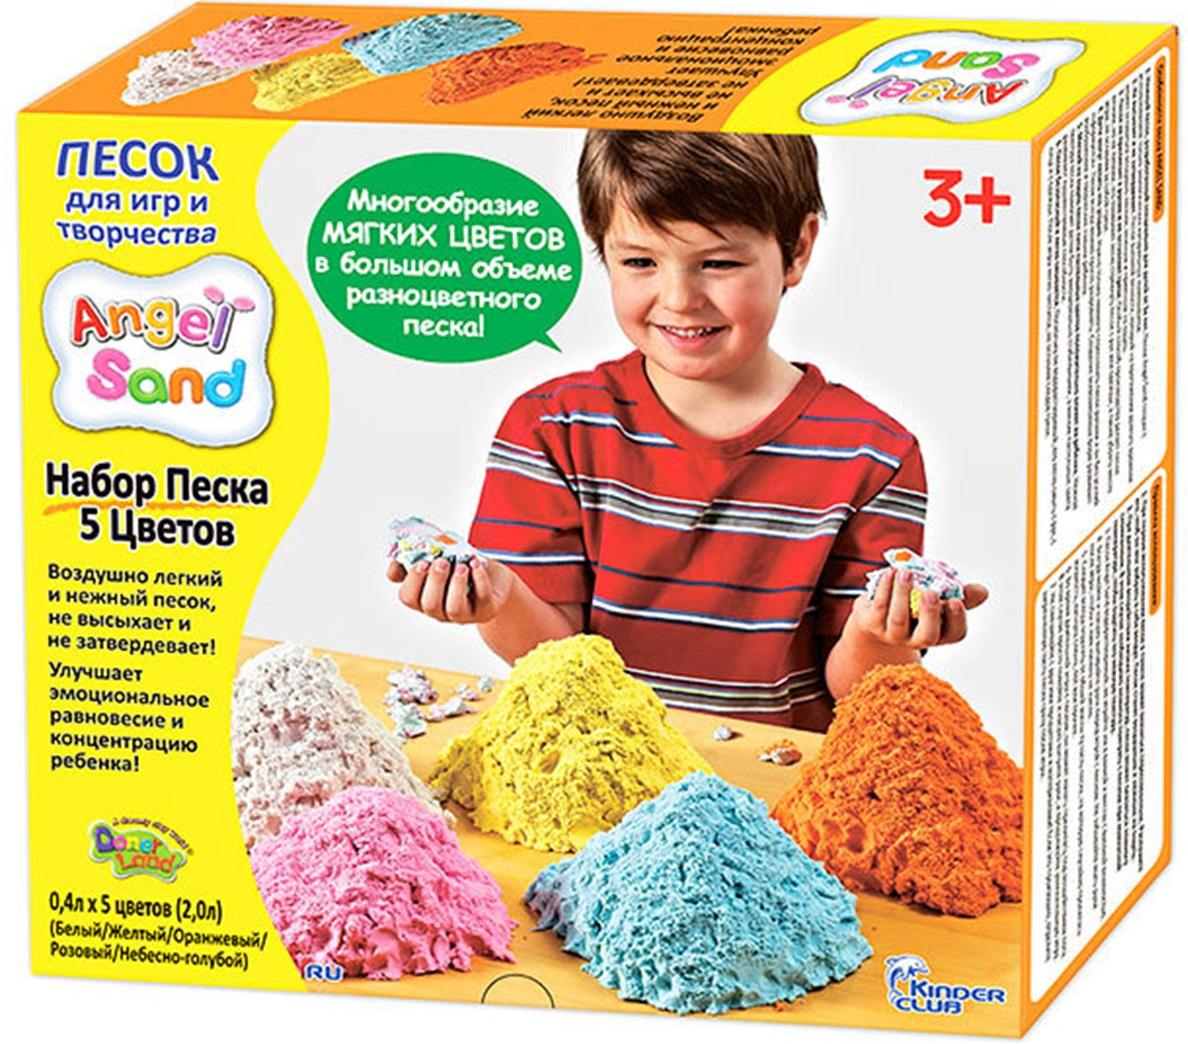 Песок Angel Sand Игровой набор песка 5 Цветов (5-COLOR Pack) цена 2017